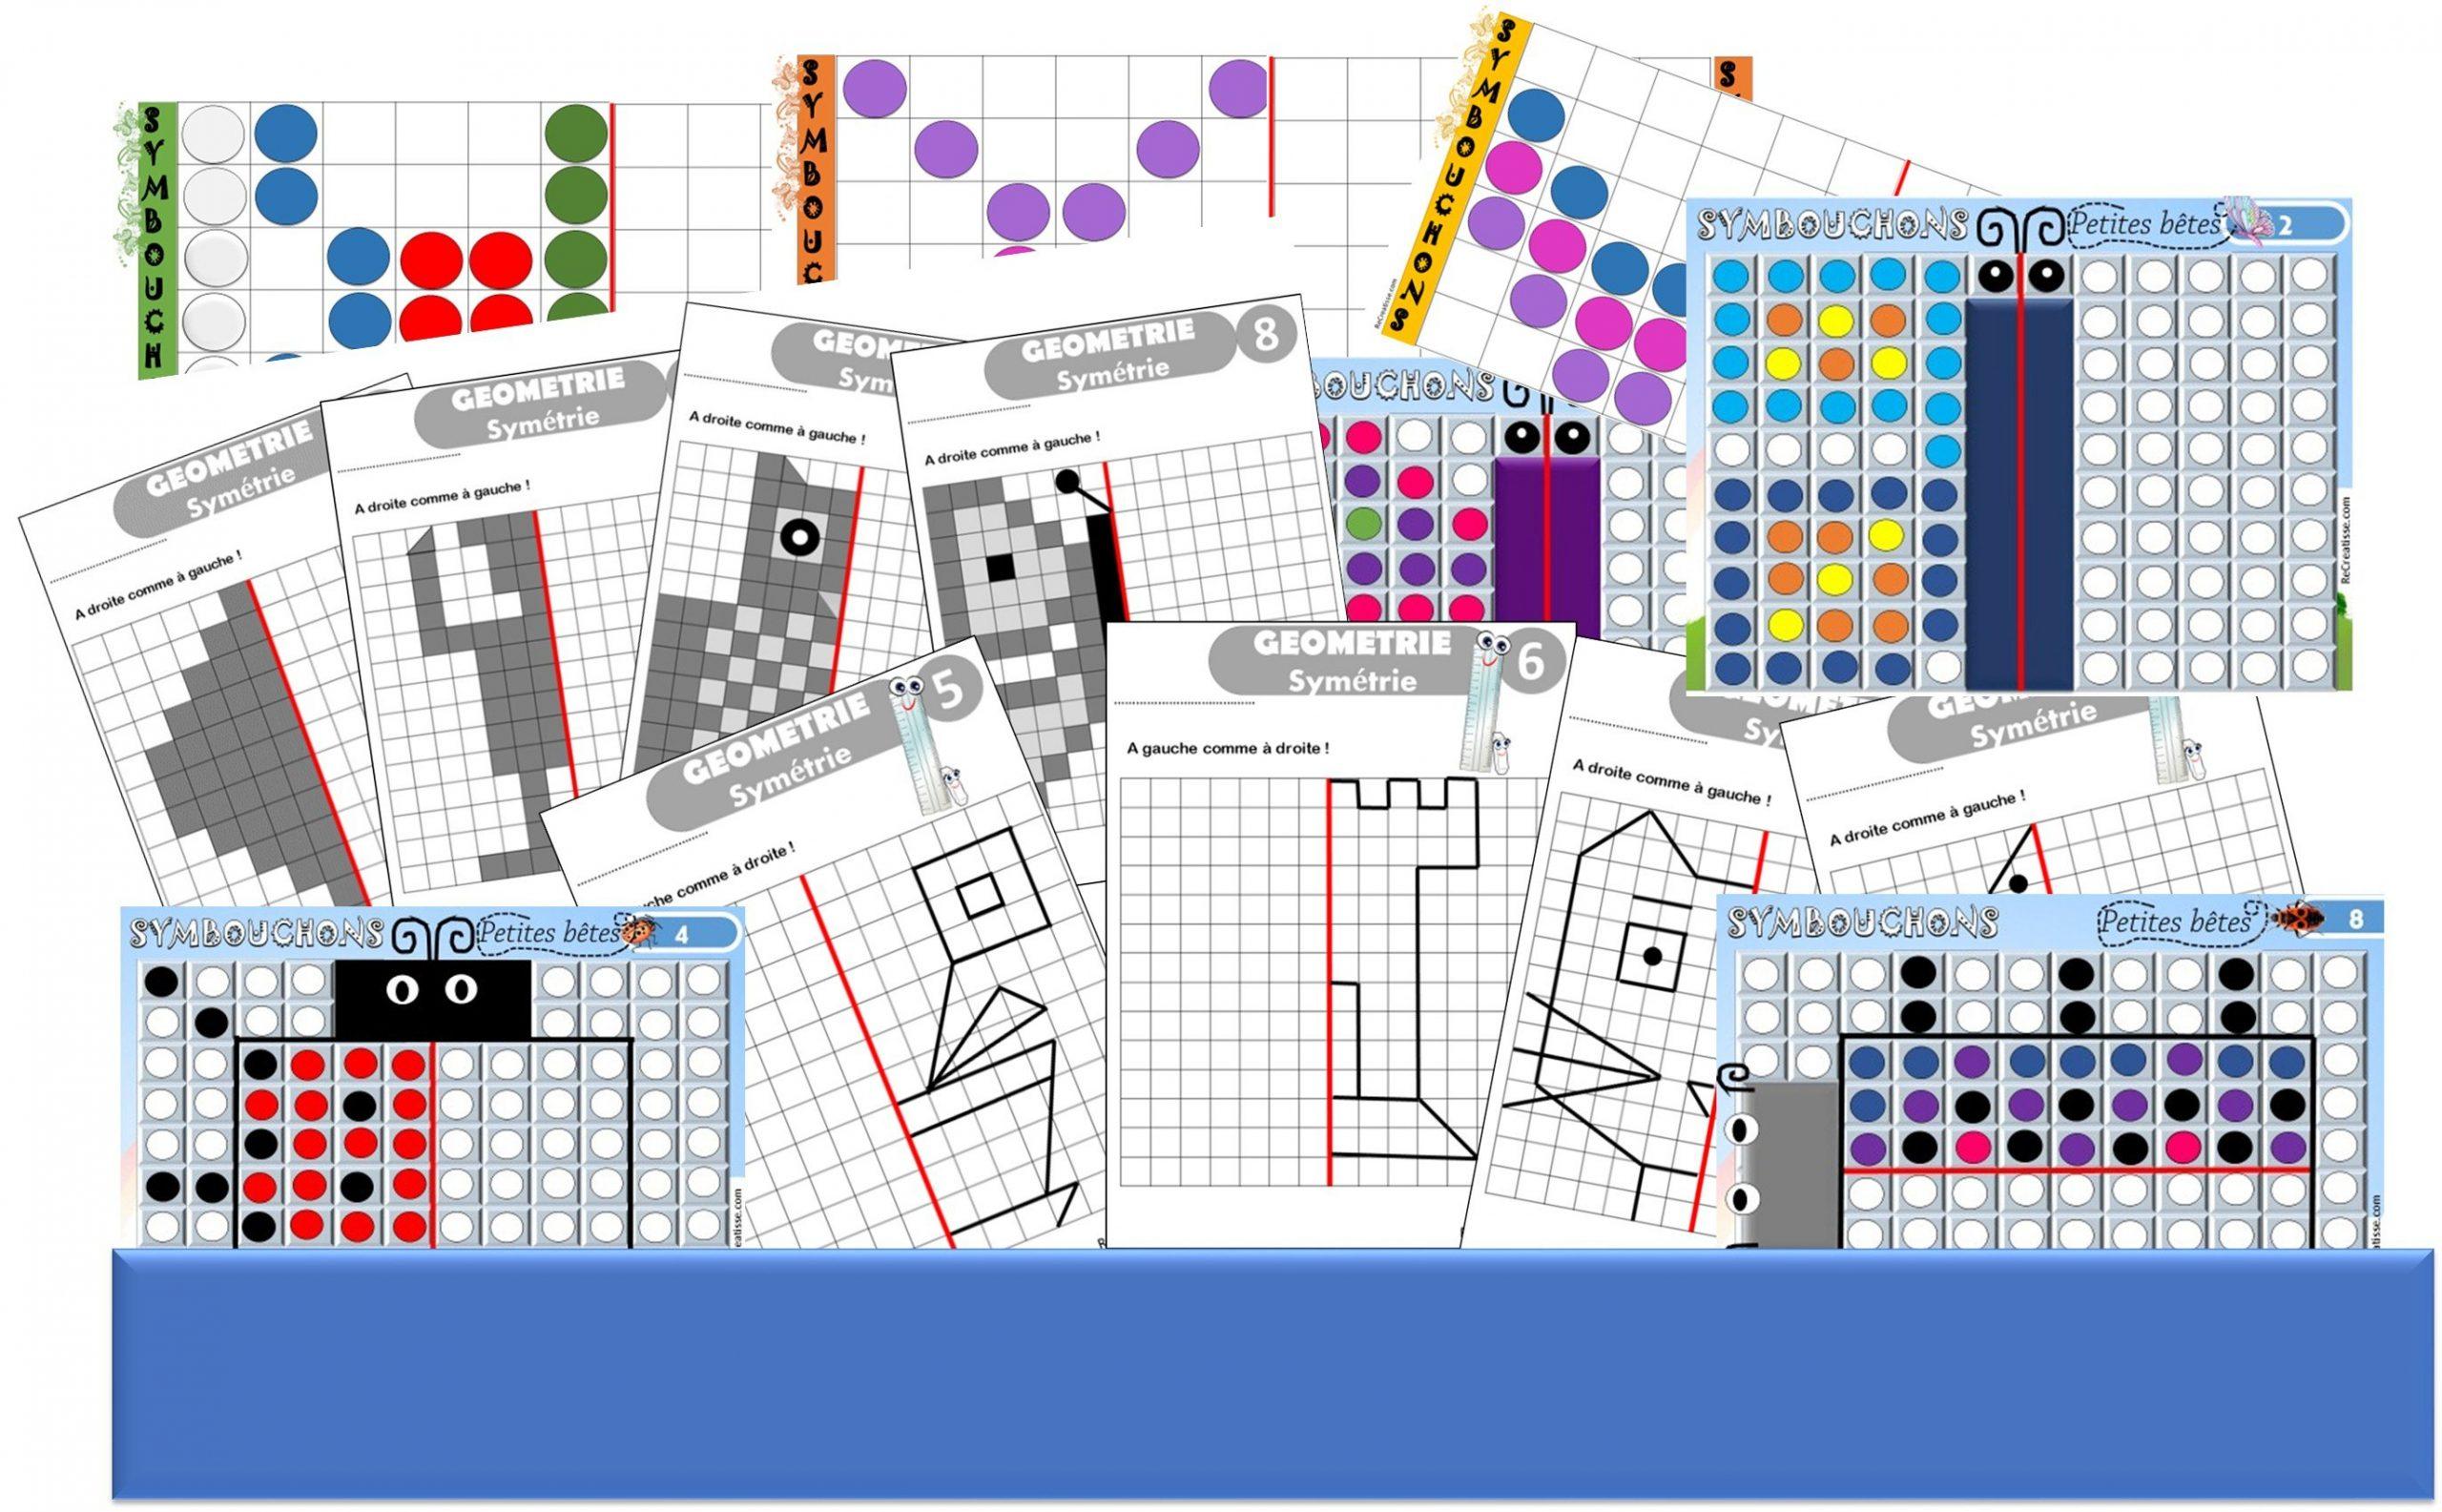 Geometrie : Ateliers Symétrie Et Exercices • Recreatisse destiné Symétrie Ce1 Exercices